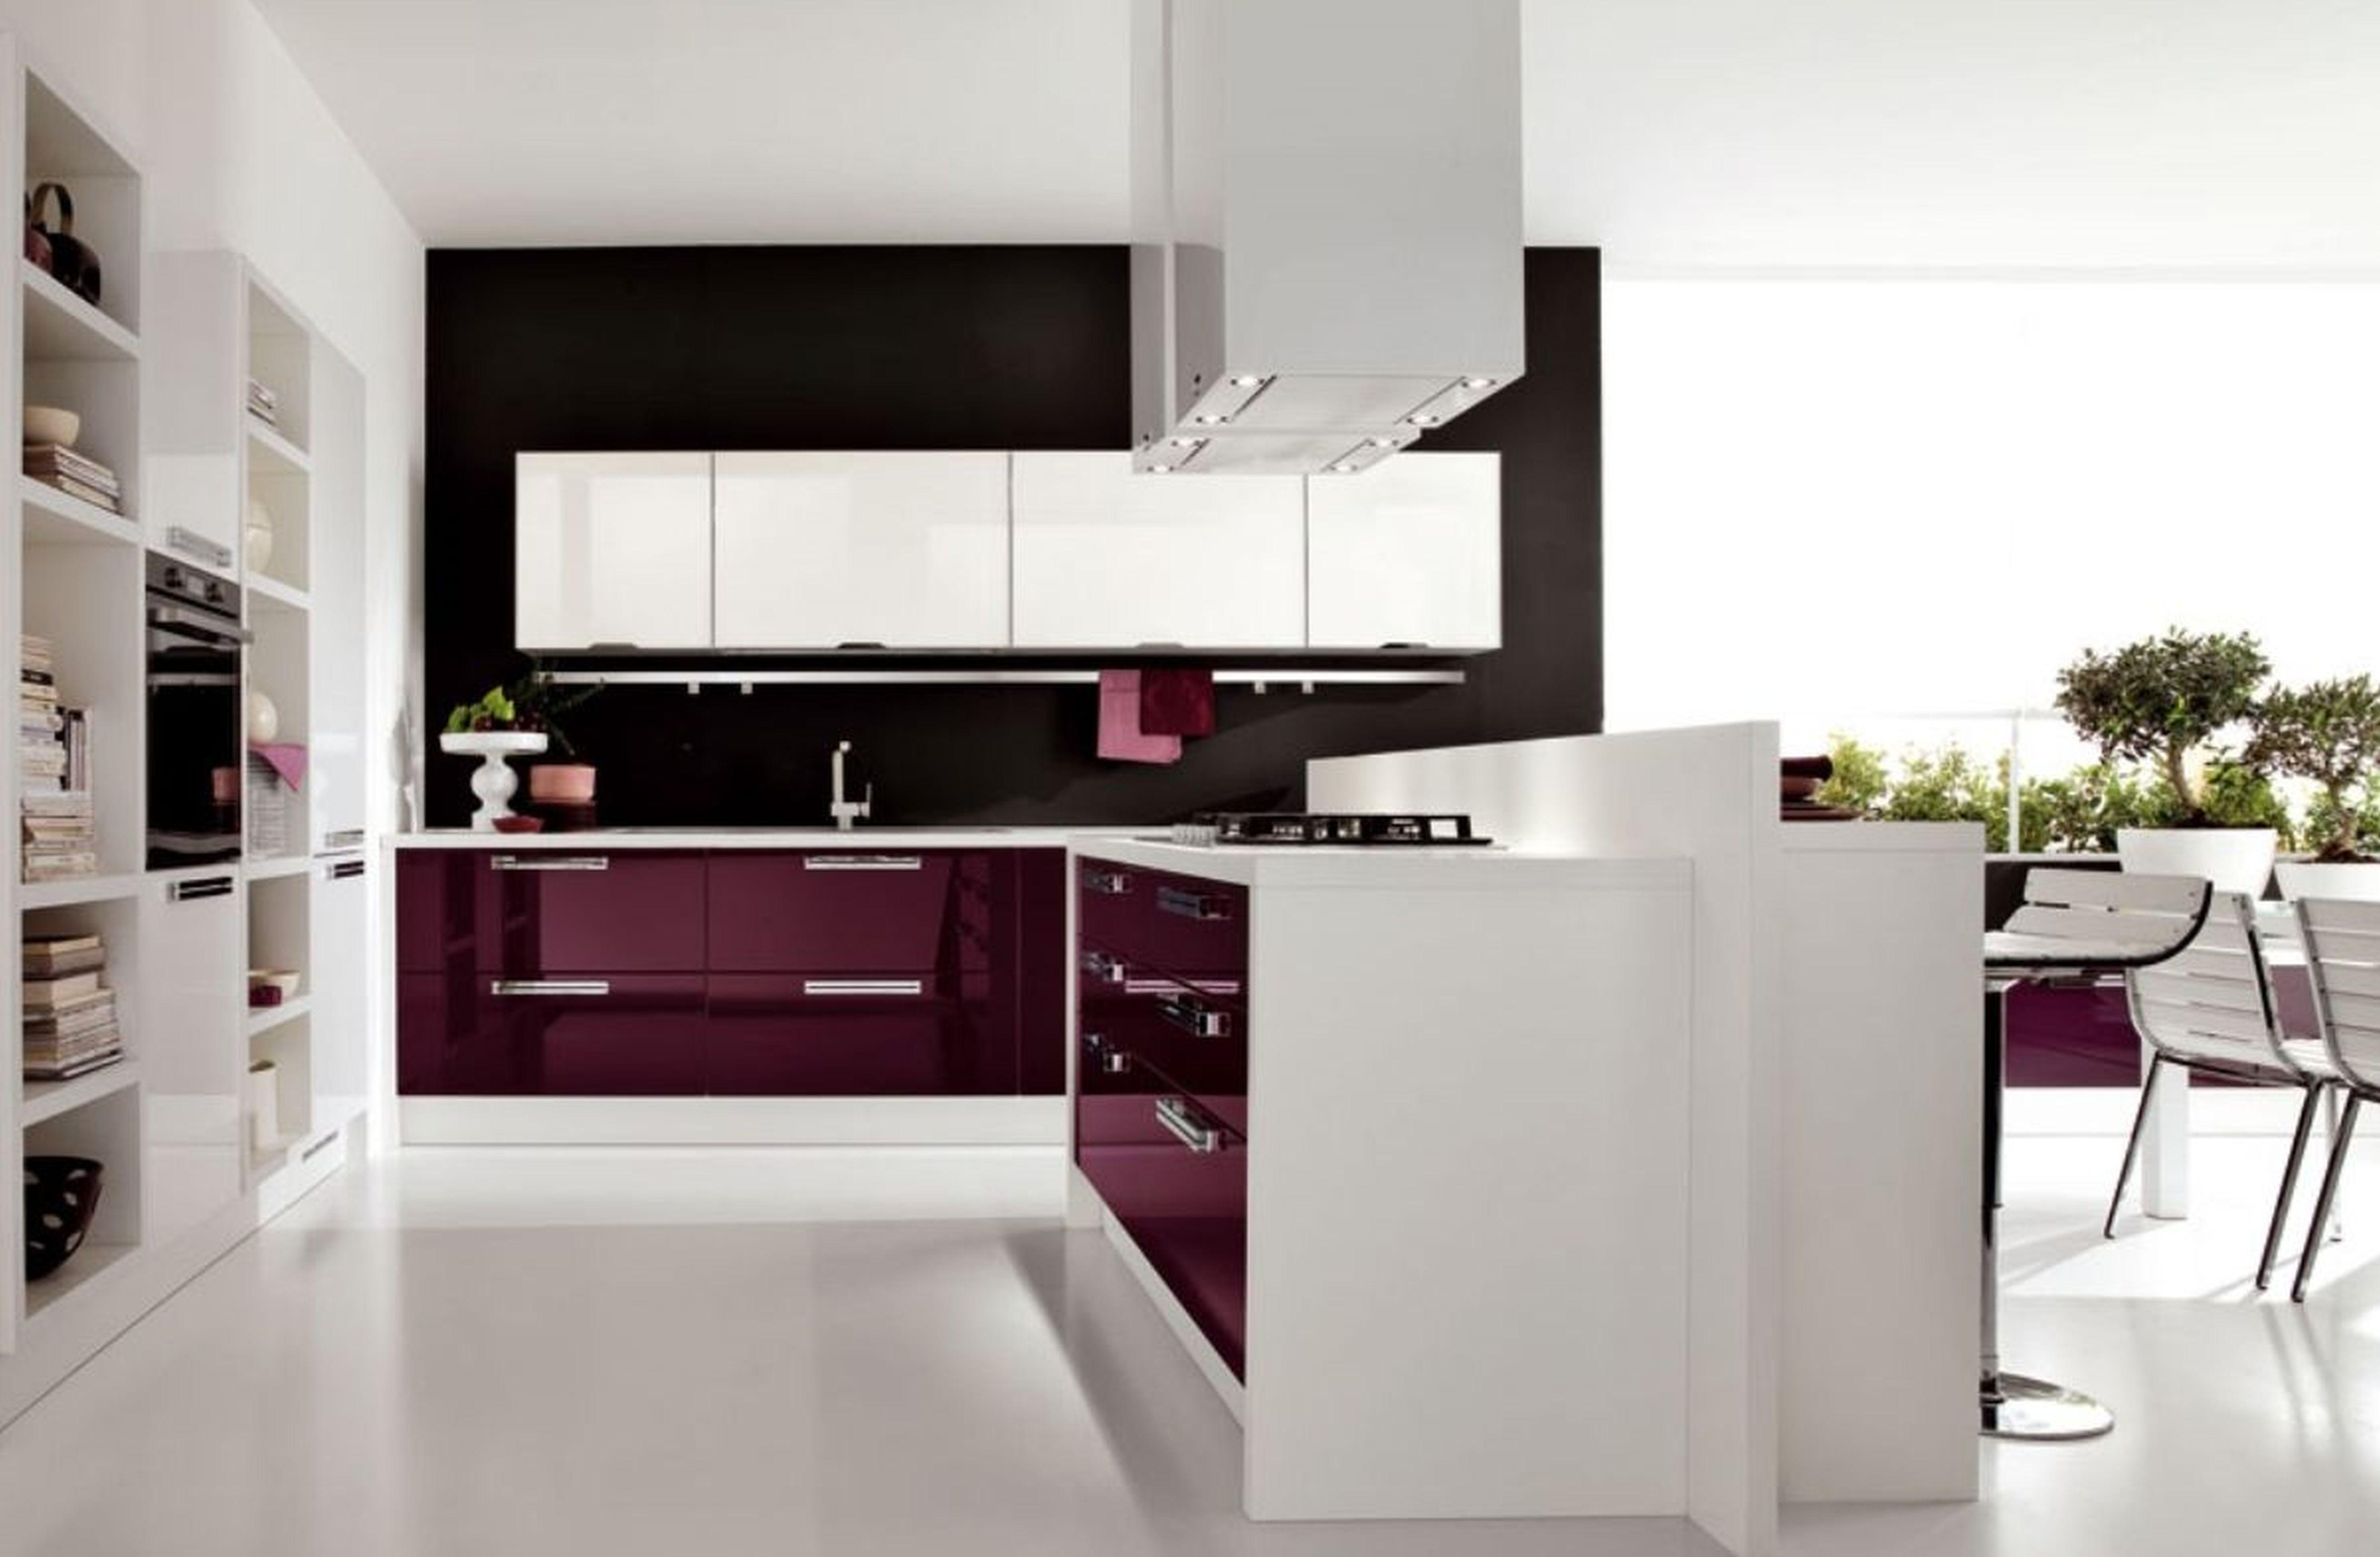 View In Gallery Dapur Modern Dengan Warna Putih Ungu Menjadi Pilihan Pada Kabinet